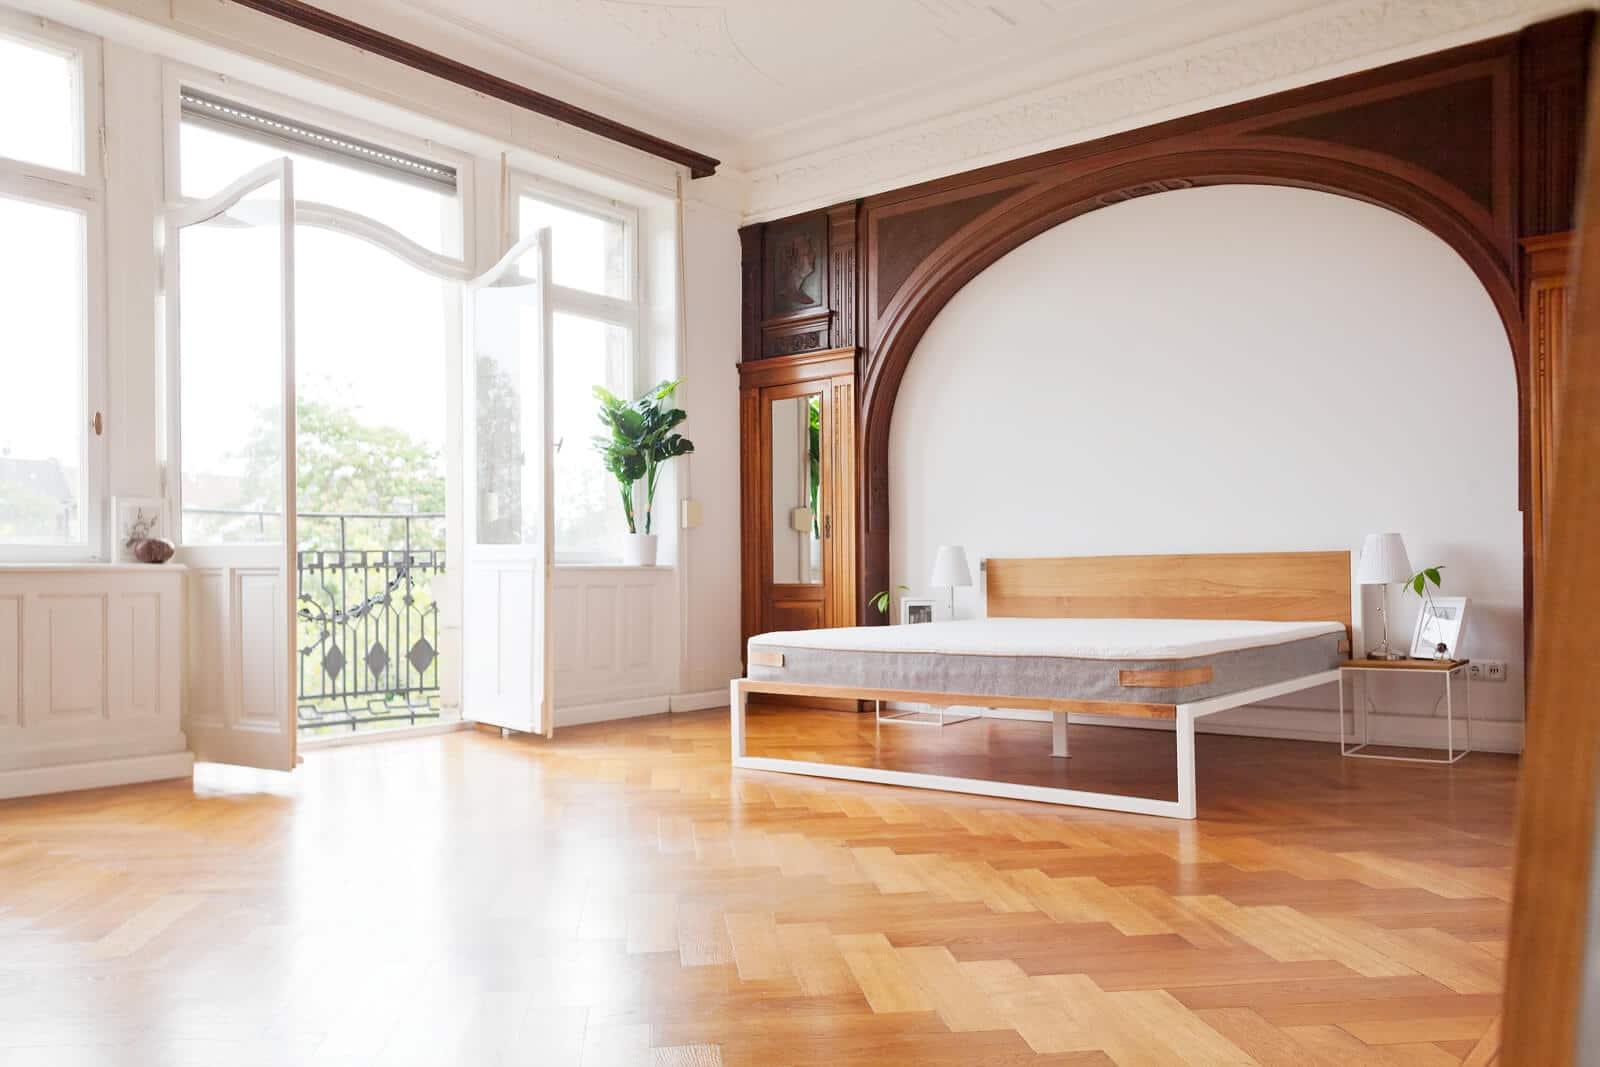 Full Size of B18 Eiche Konfigurator N51e12 Design Manufacture Bette Floor Betten 140x200 Boxspring Bett Landhausstil 2m X 180x200 Weiß Massiv Clinique Even Better Bett Bett Massivholz